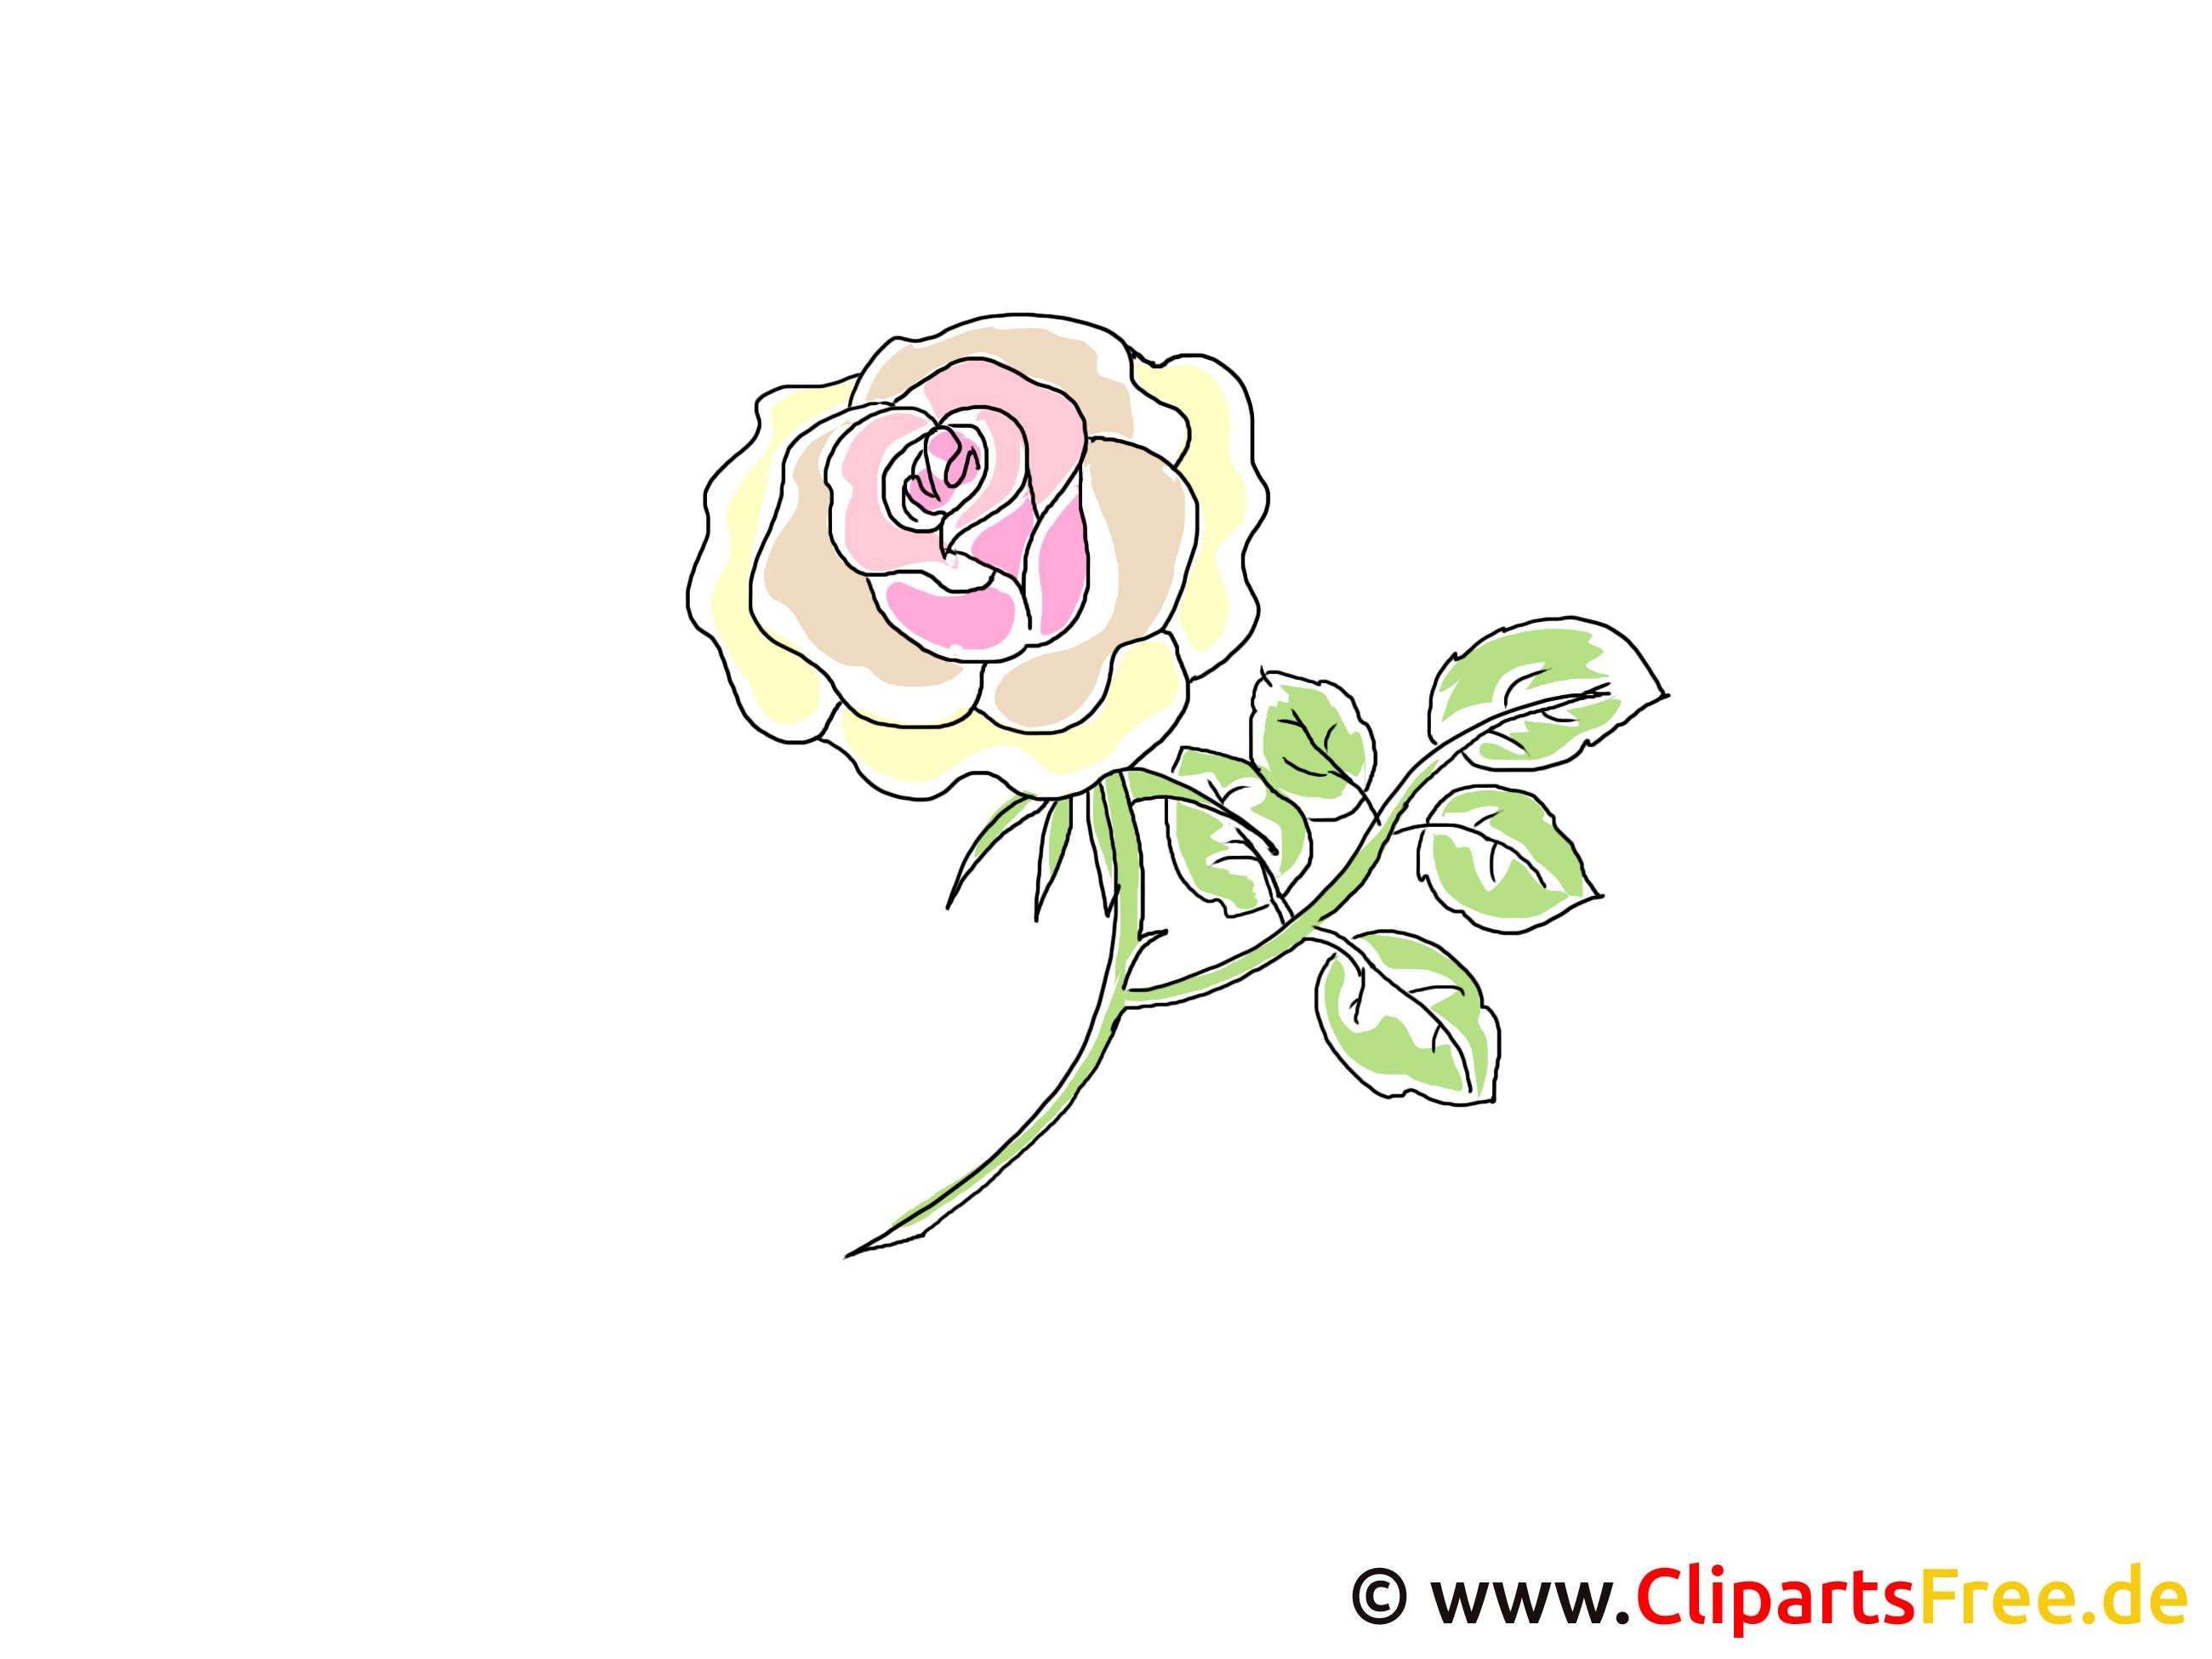 Gelbe Rose Clipart